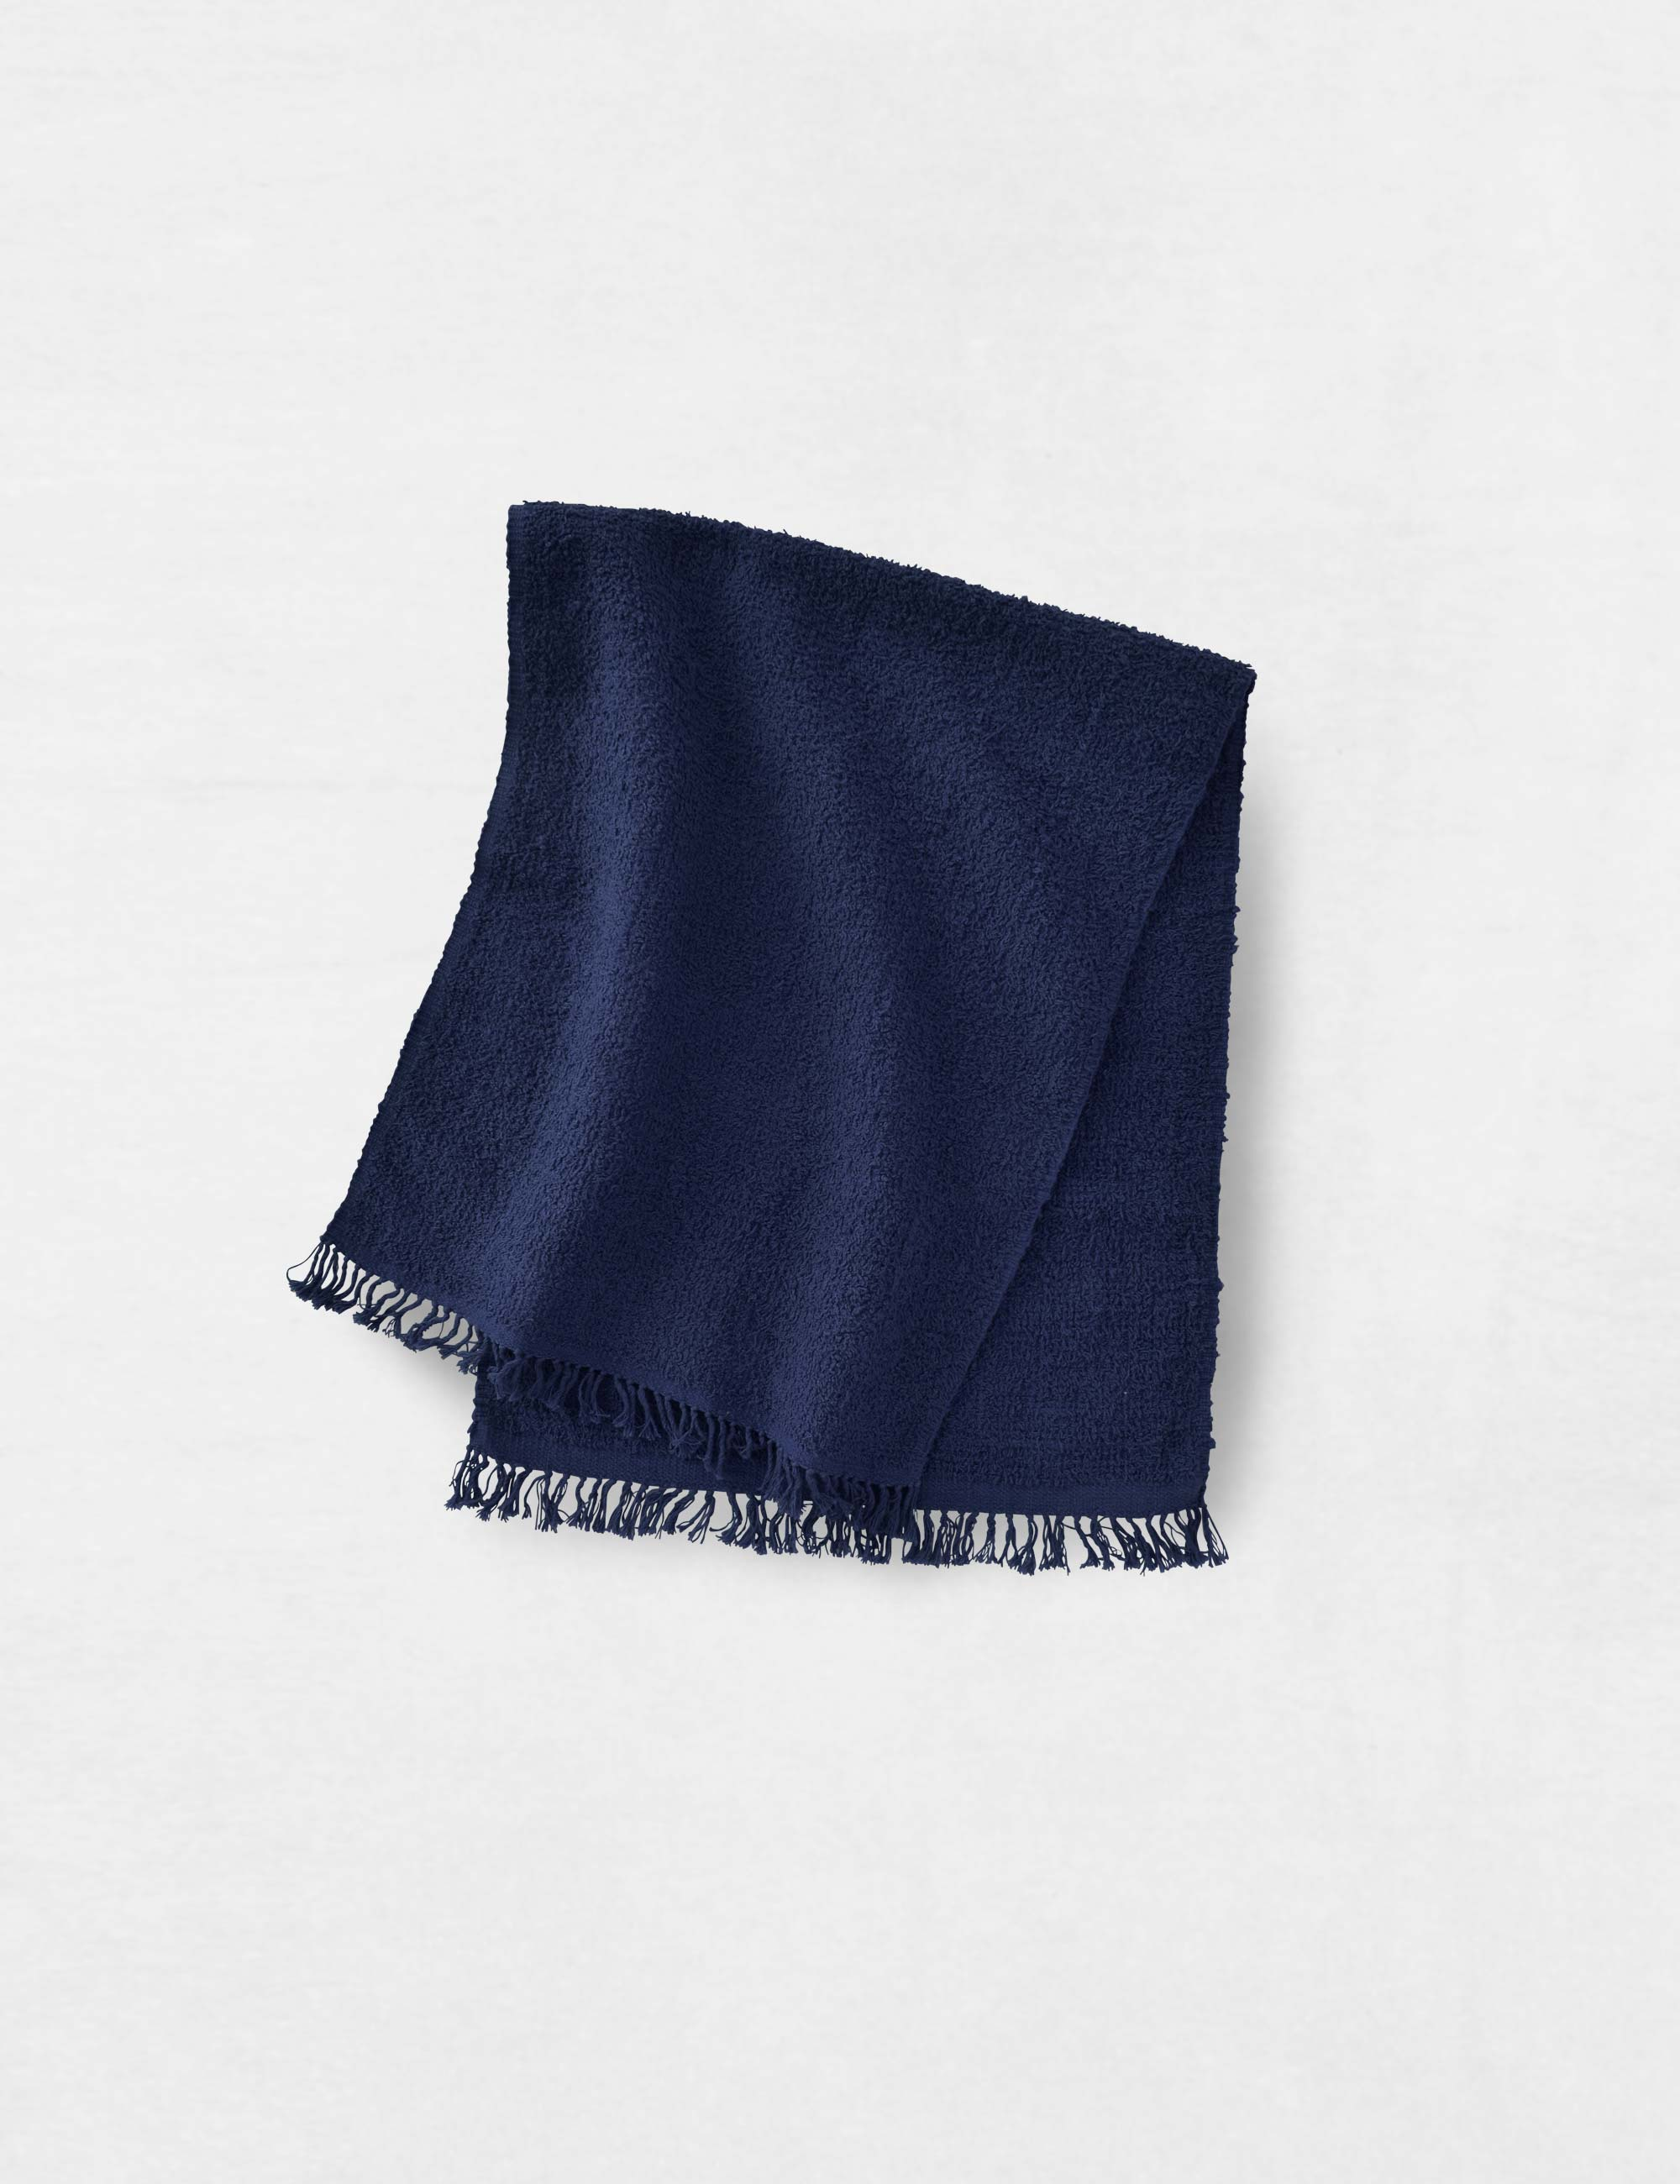 Jurgen Lehl Towel Pile - Blue